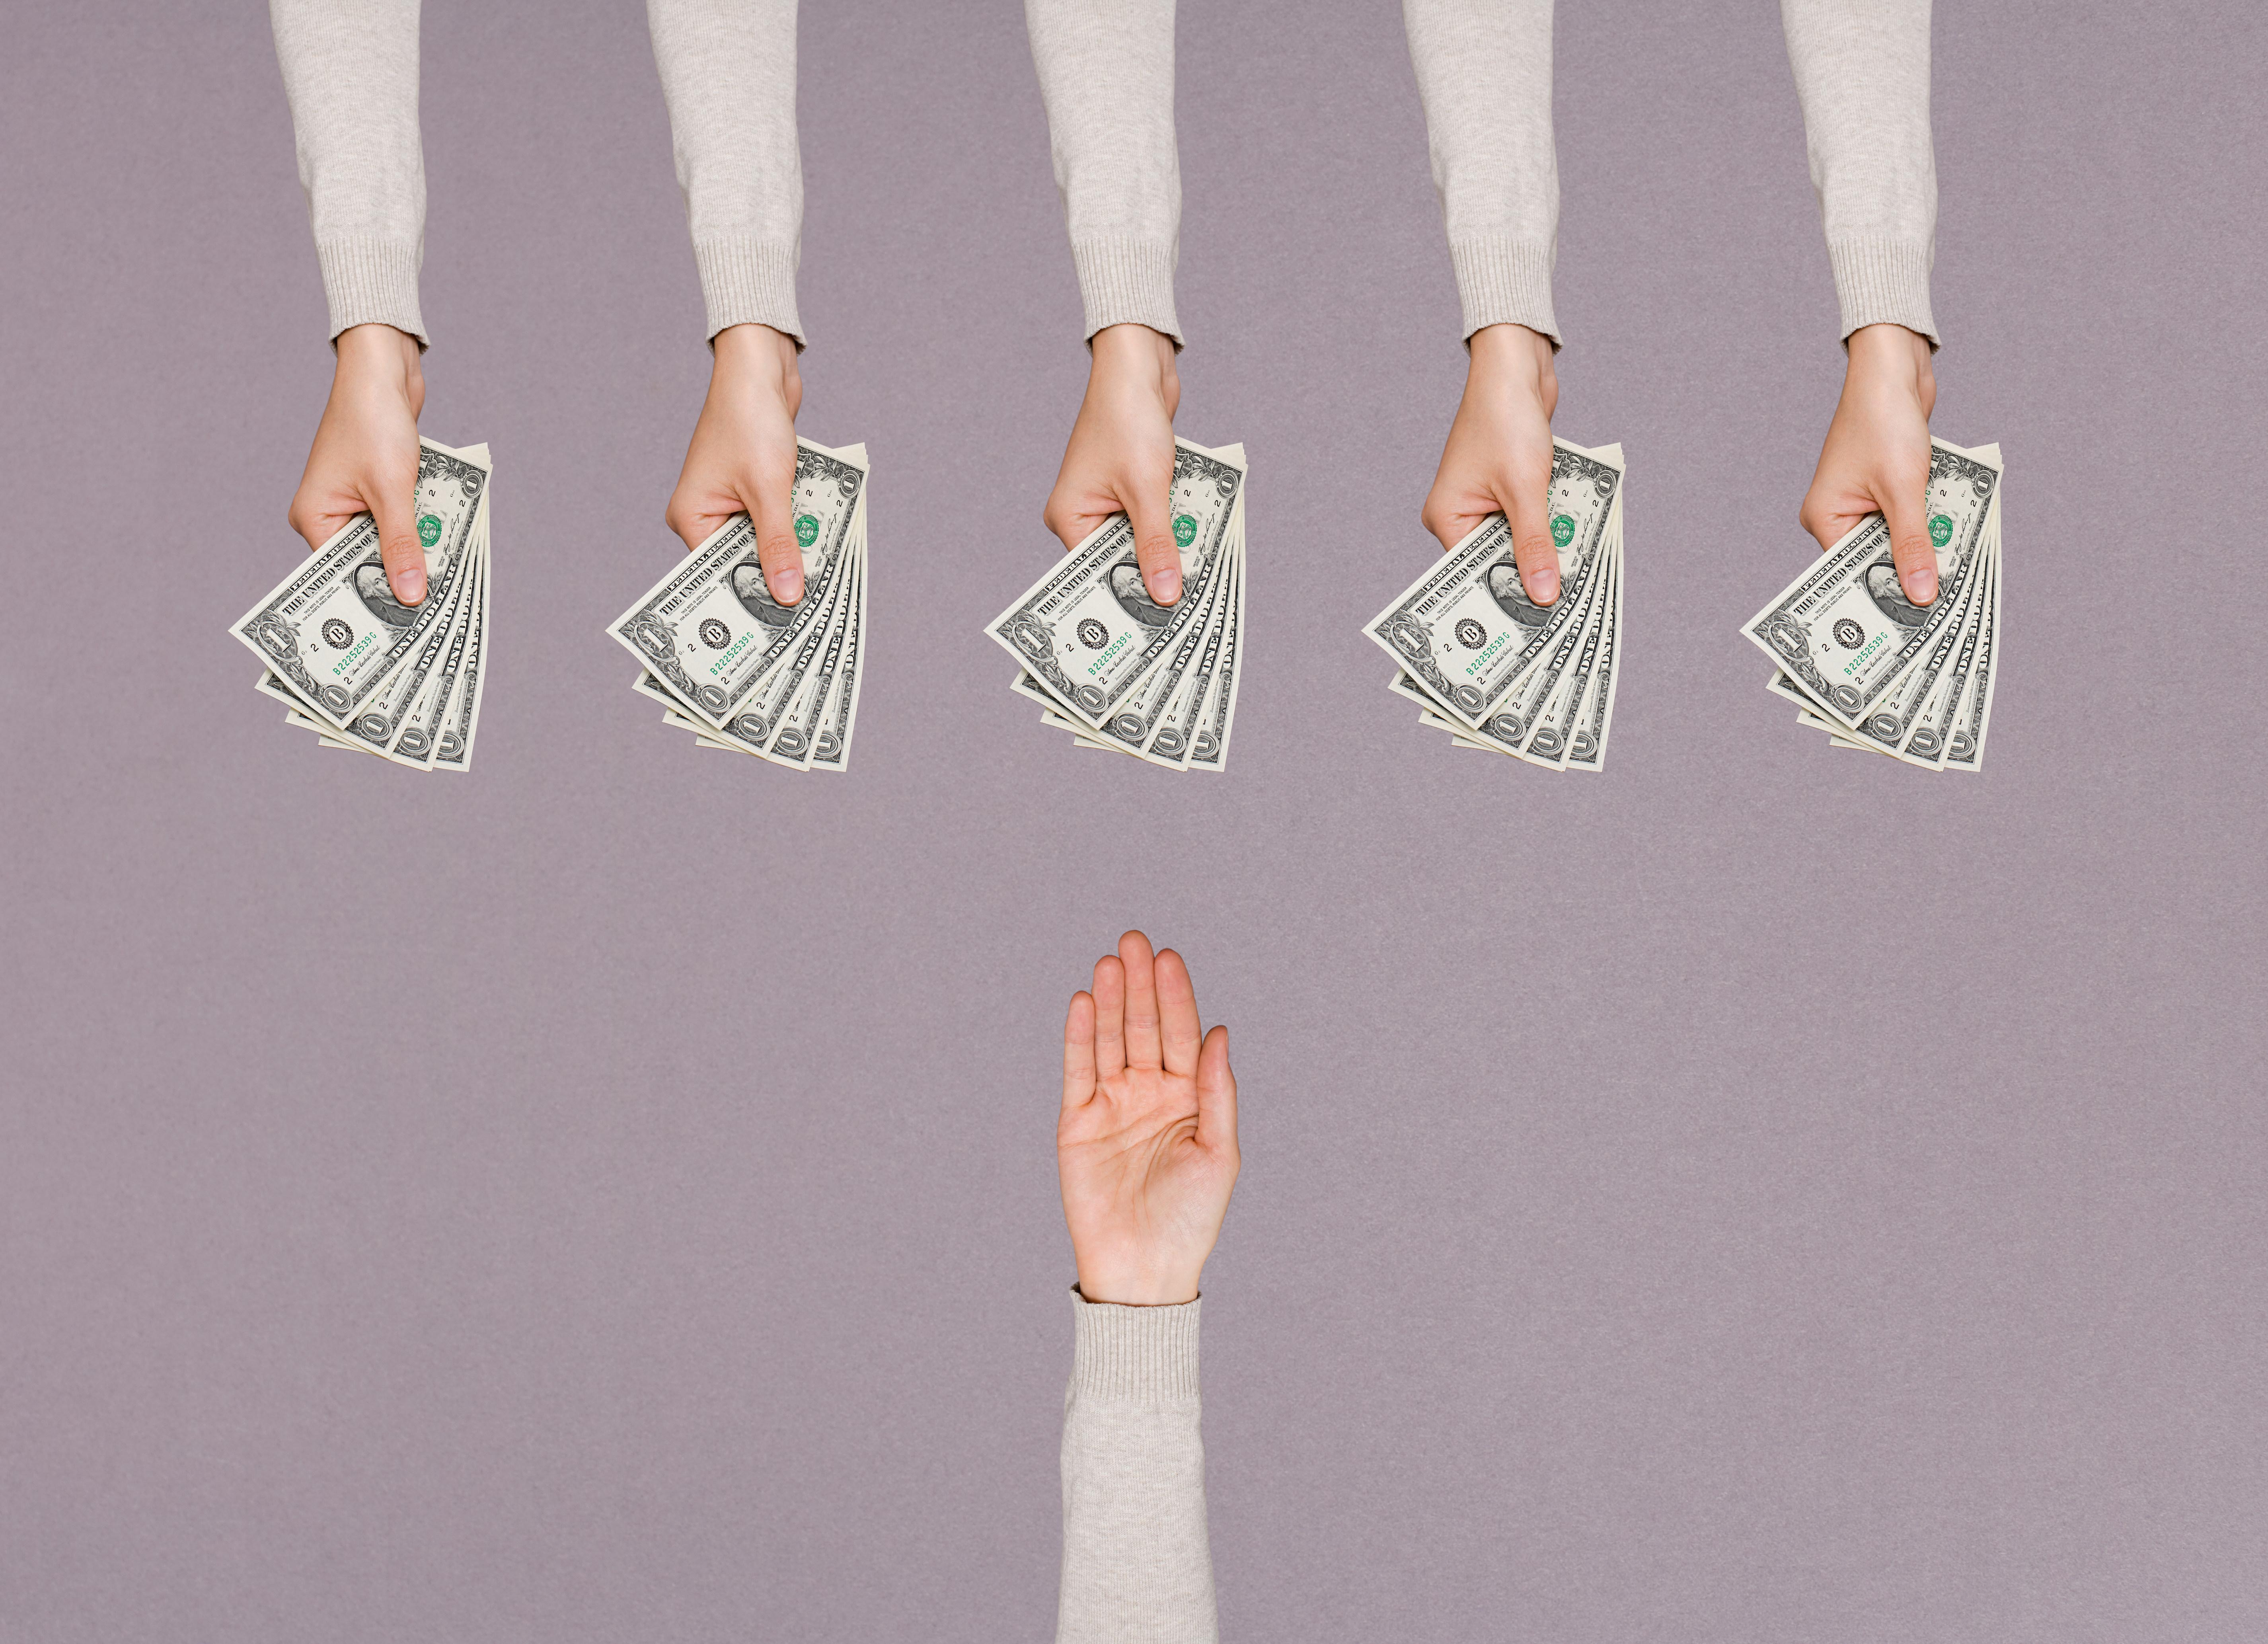 People handing over money